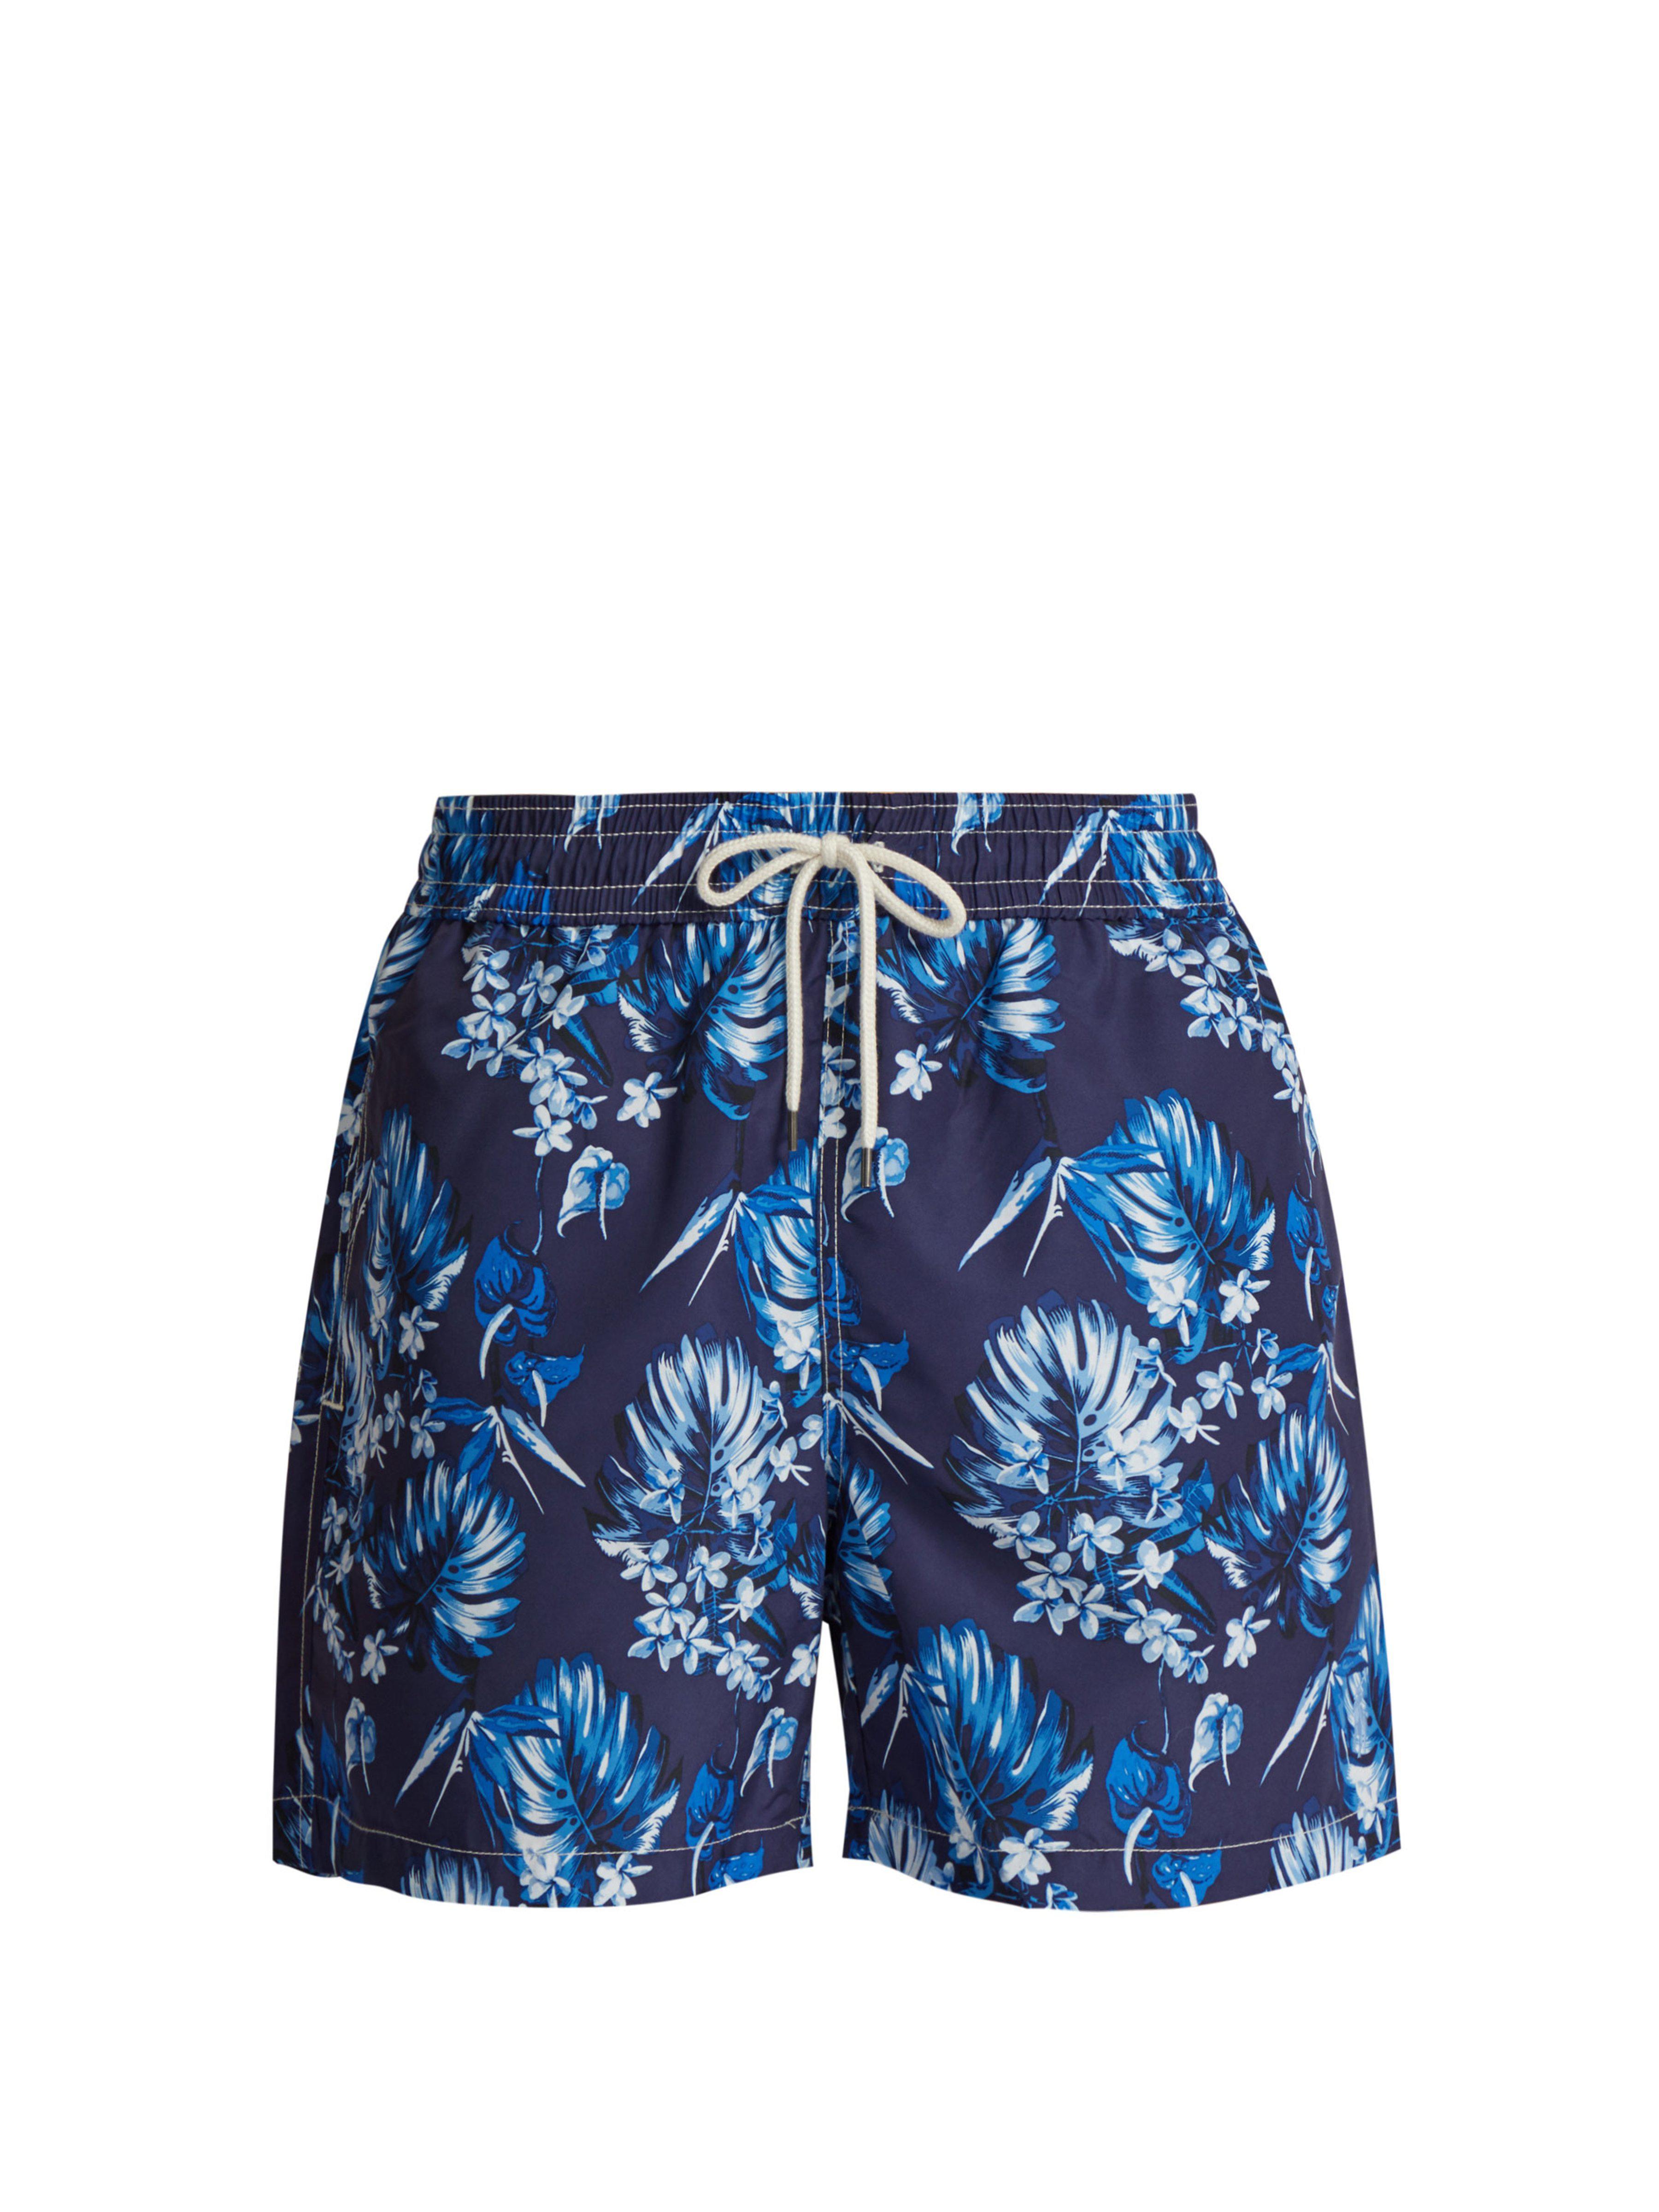 Polo Ralph Lauren. Short de bain à imprimé floral homme de coloris bleu a2eb26a54dc